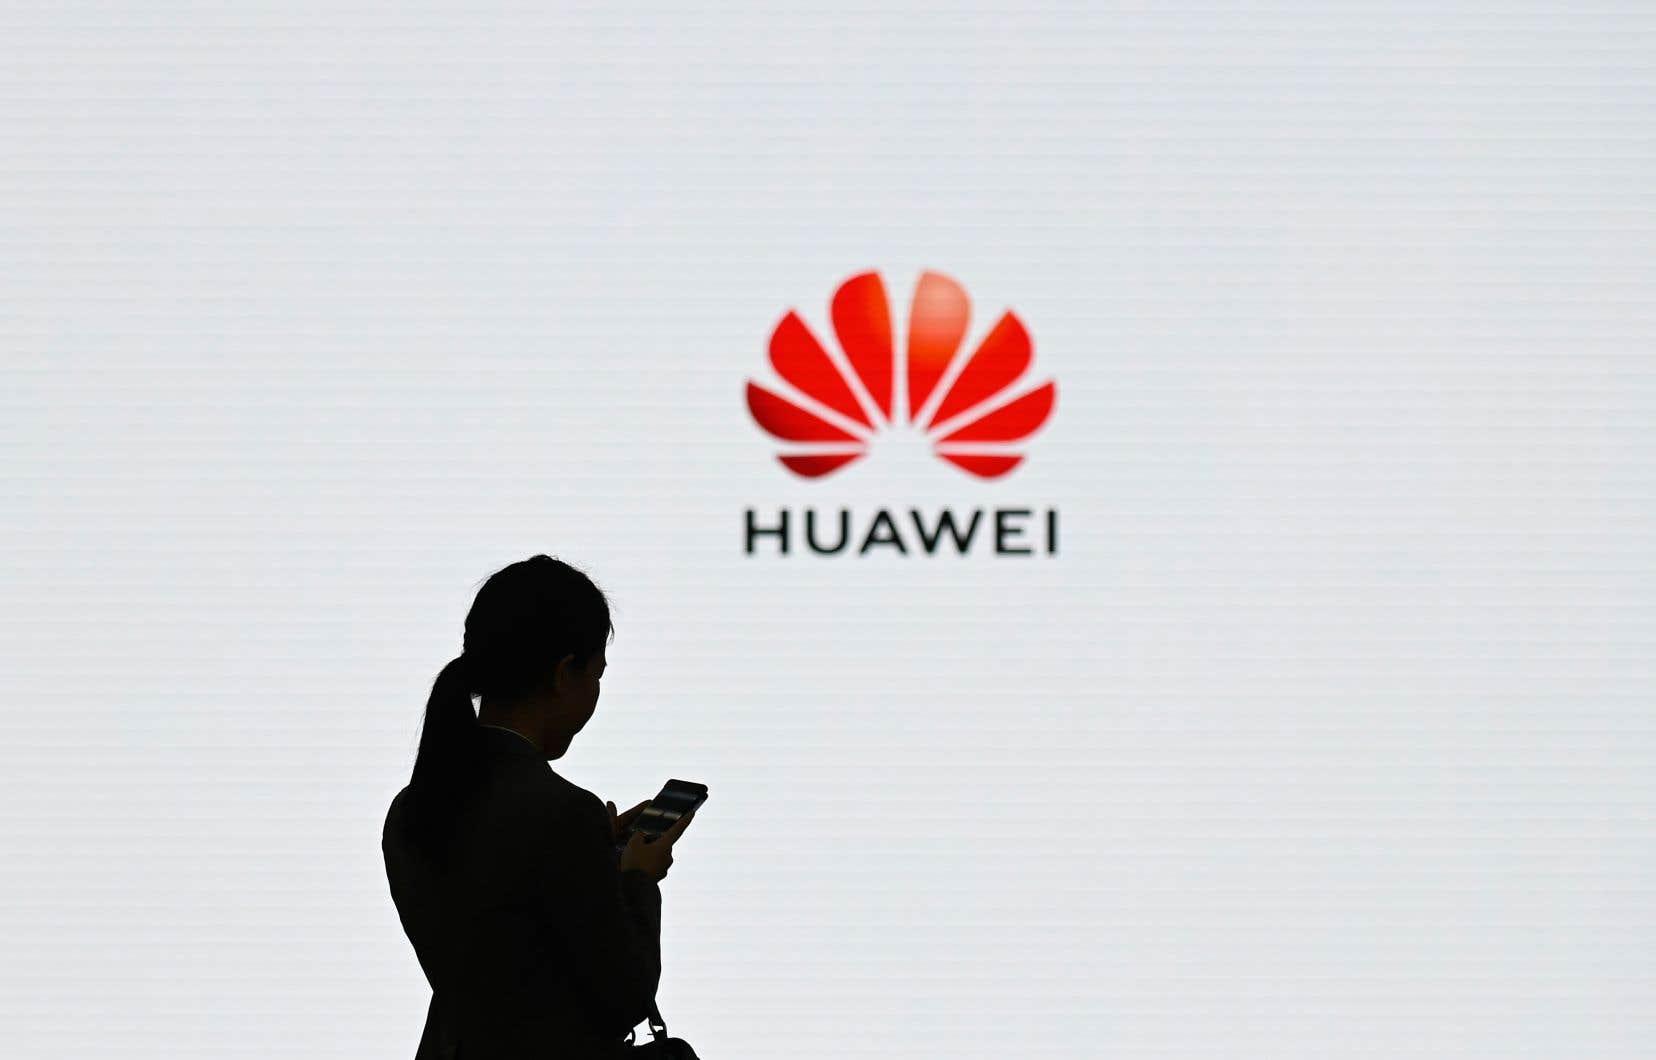 Huawei a lancé ces dernières semaines une intense campagne de communication pour défendre sa réputation.